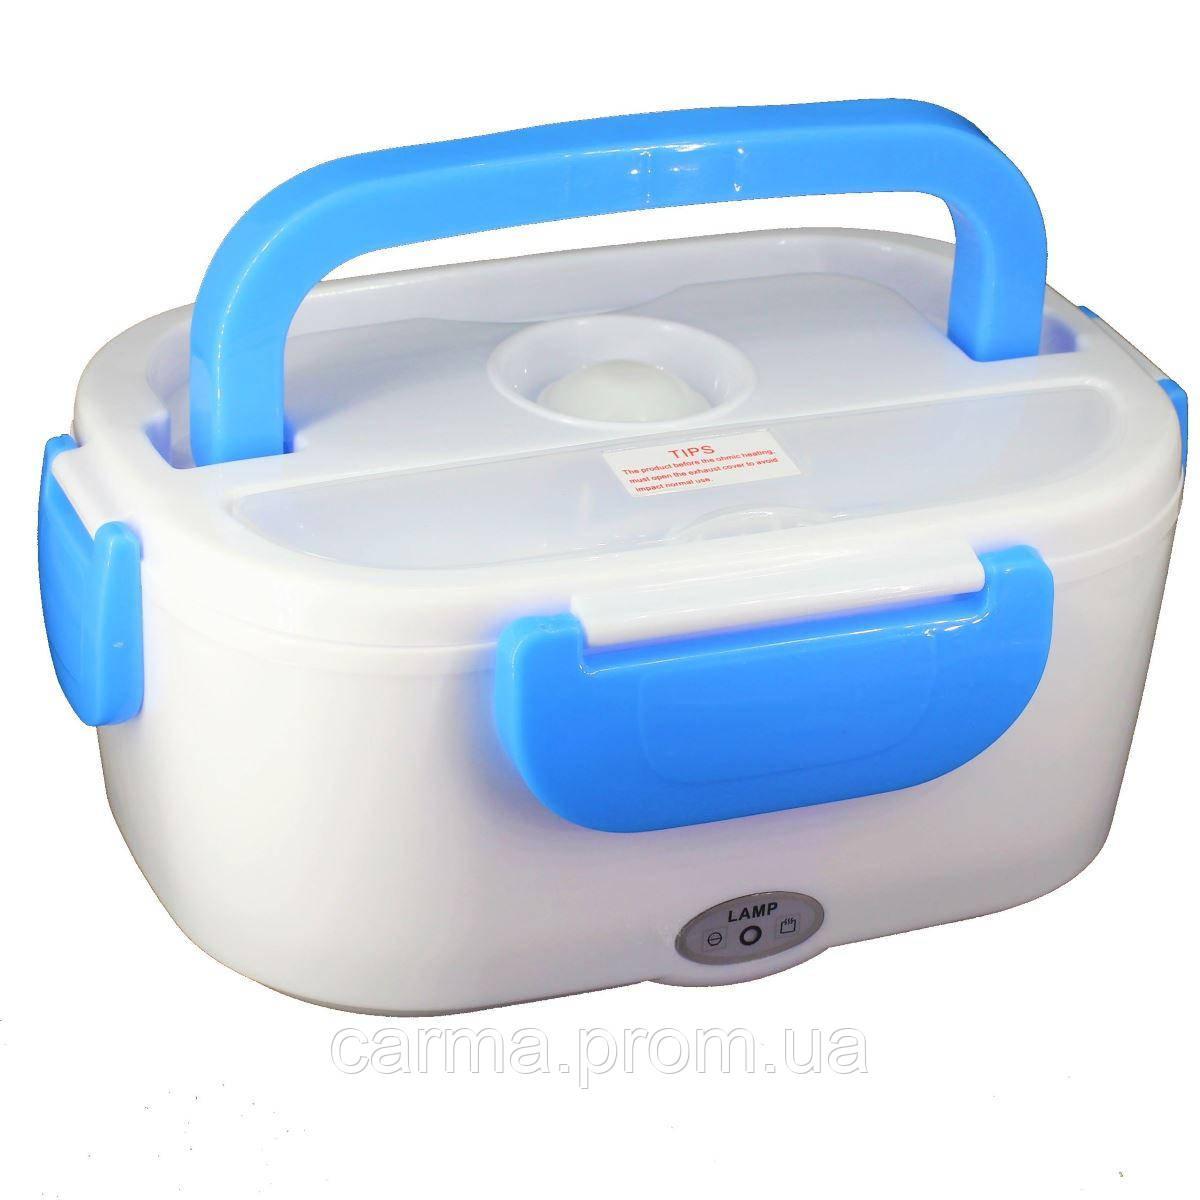 Ланч бокс LUNCH BOX с авто подогревом и питанием от автомобильного прикуривателя 12V Белый с синим